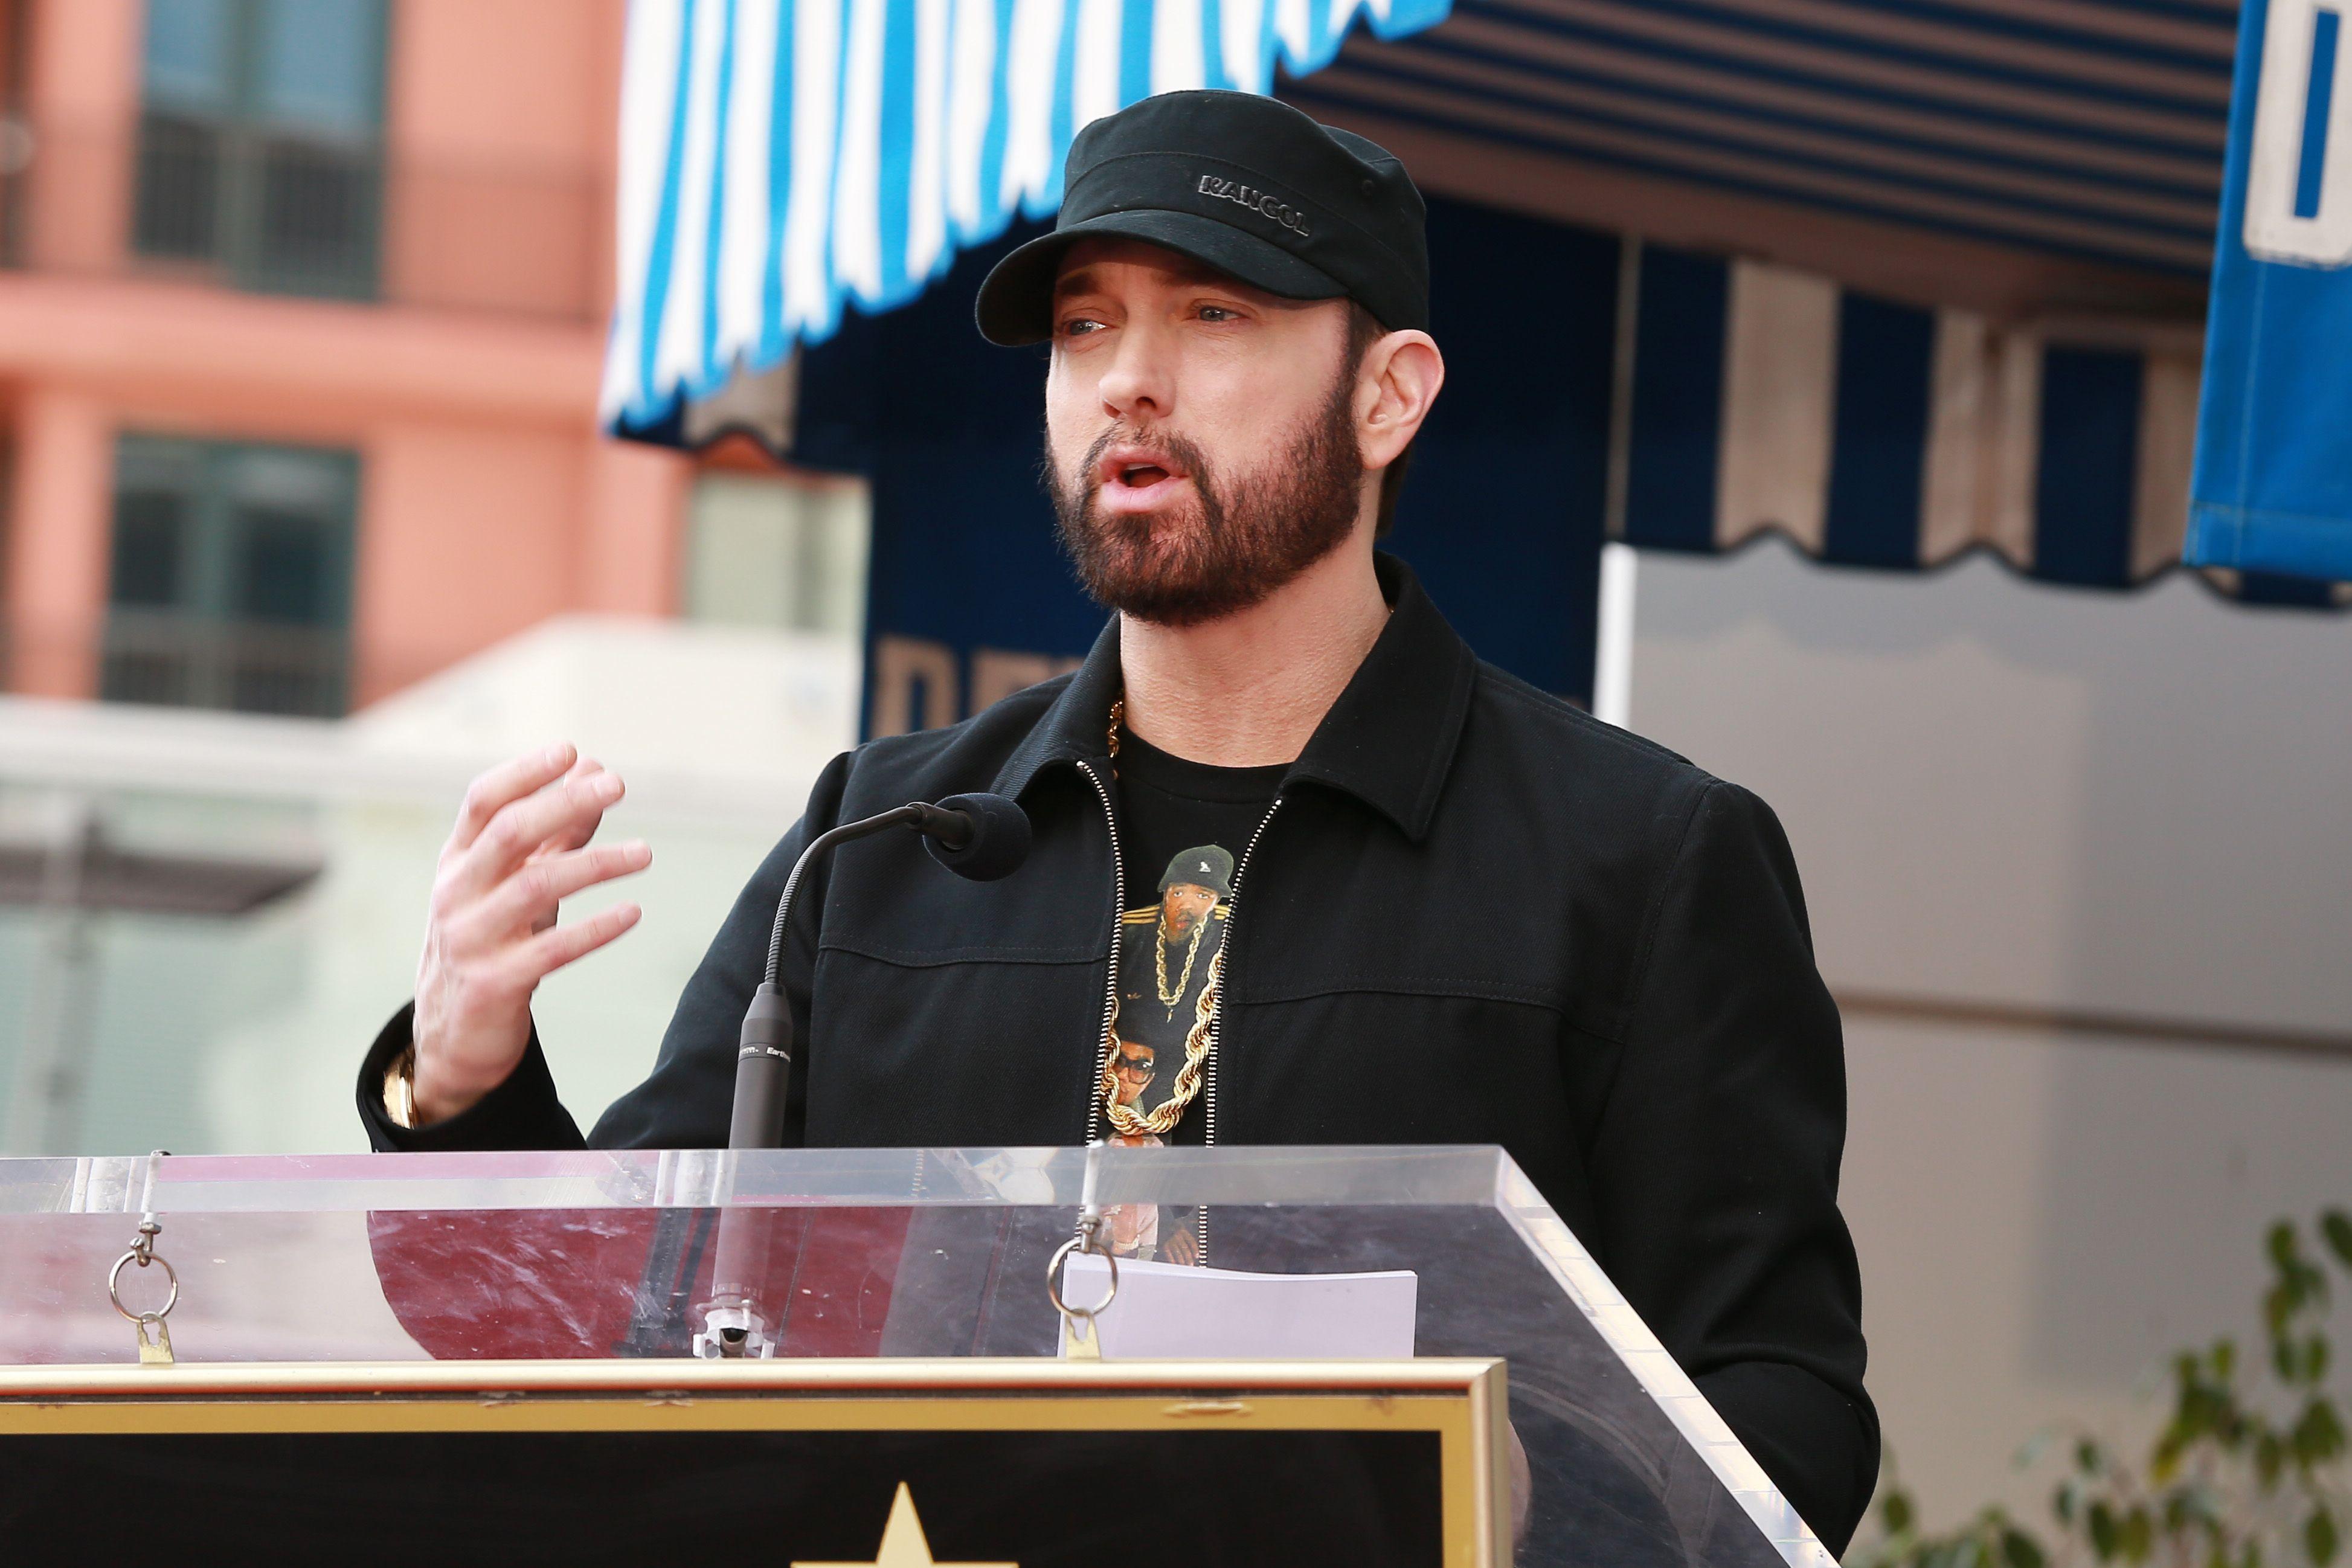 Eminem speaks at a podium